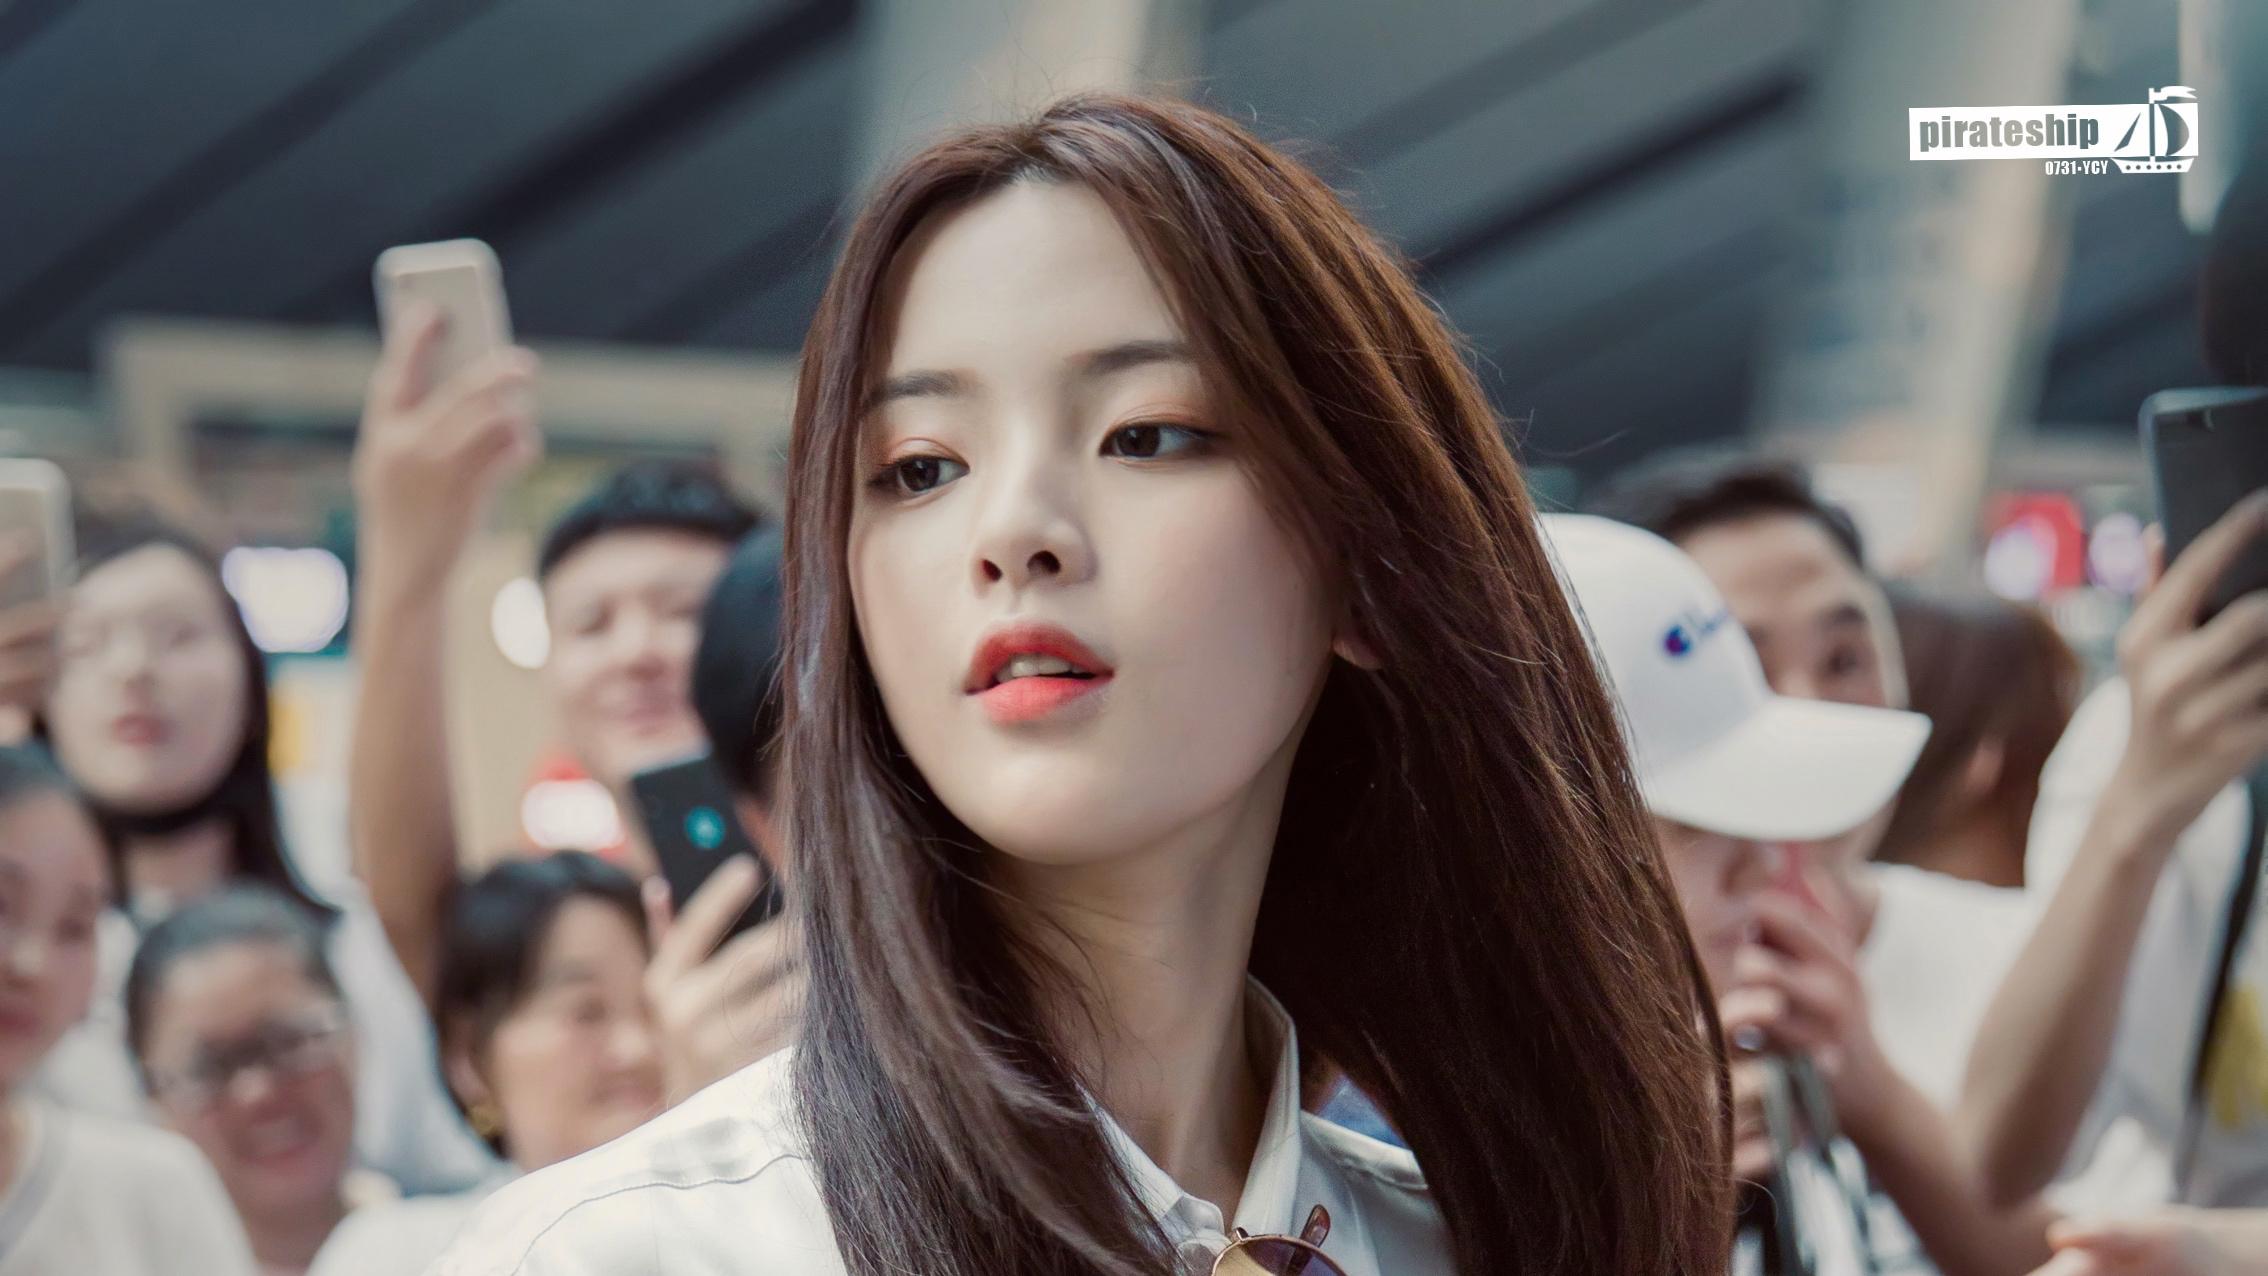 デスクトップ壁紙 Yang Chaoyue 中国語 アジア人 アイドル 面